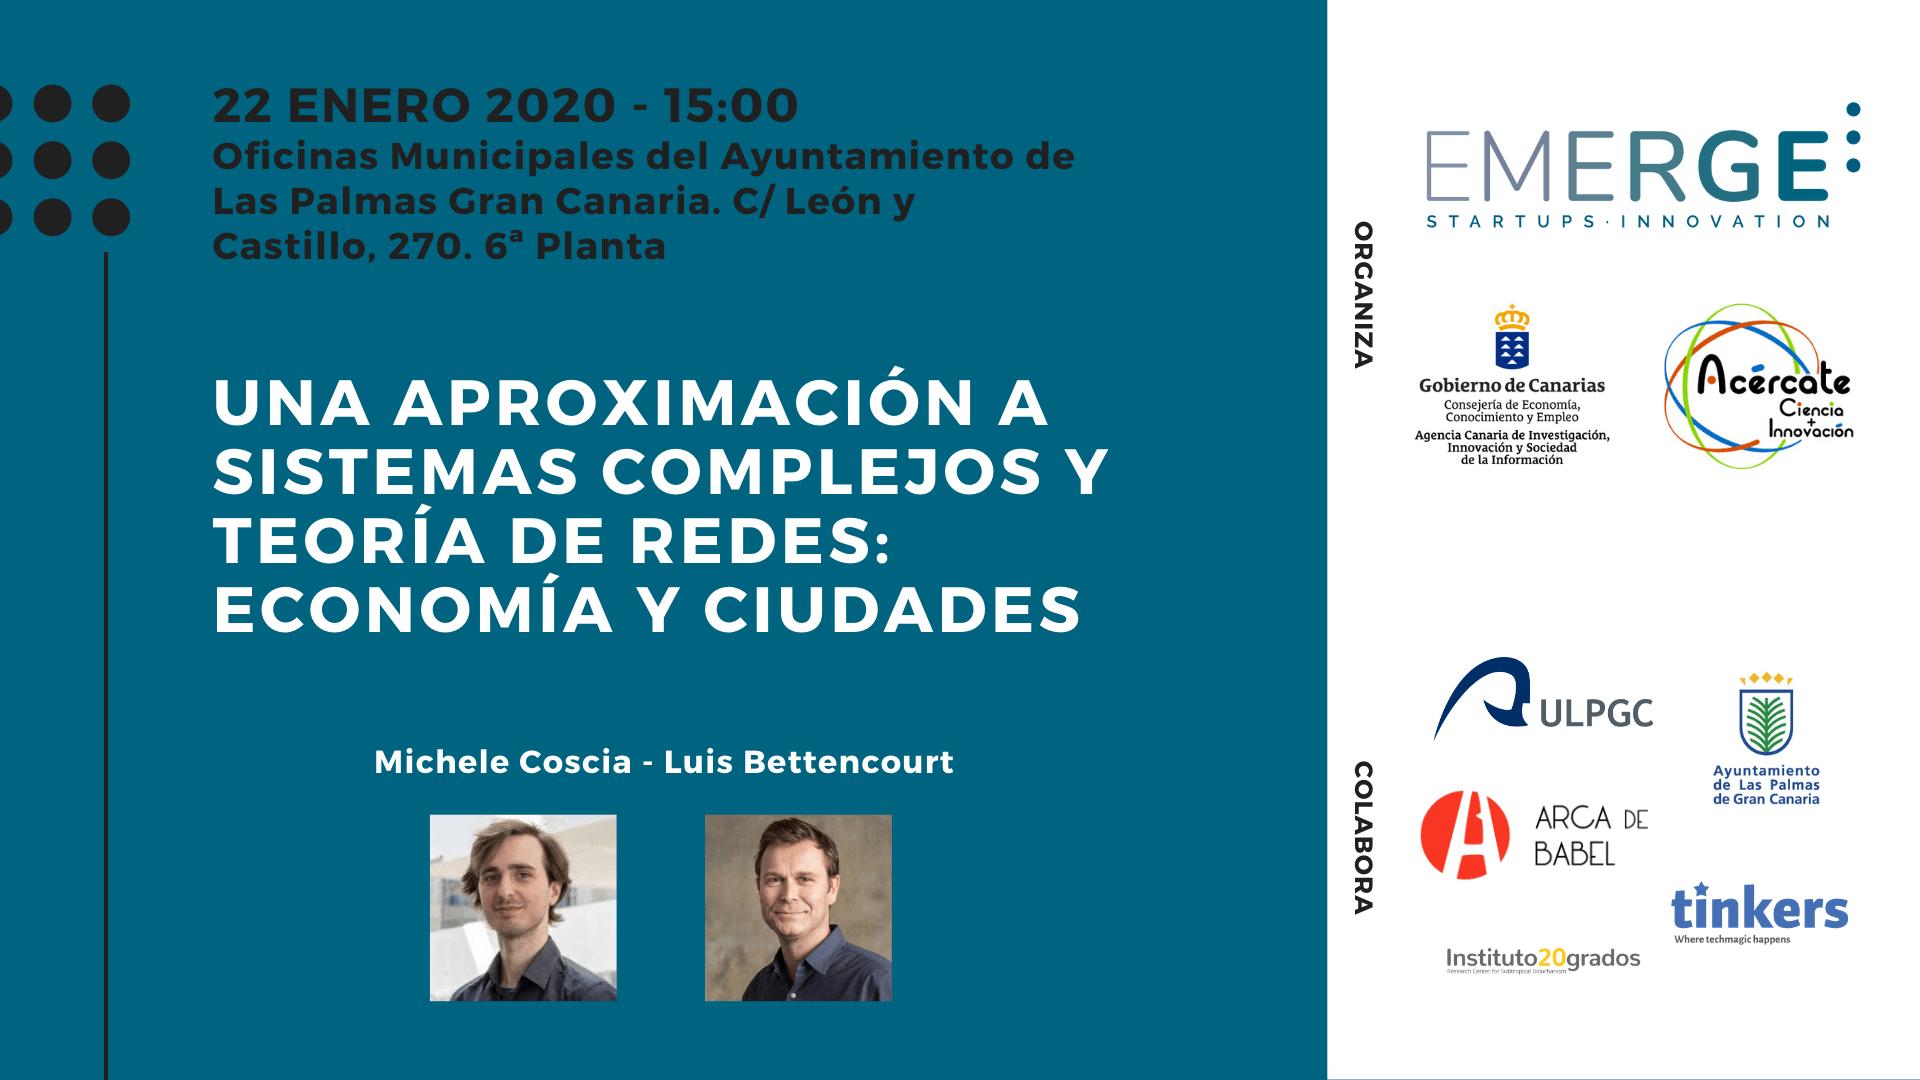 Cartela del evento organizado por EMERGE sobre economía y ciudades